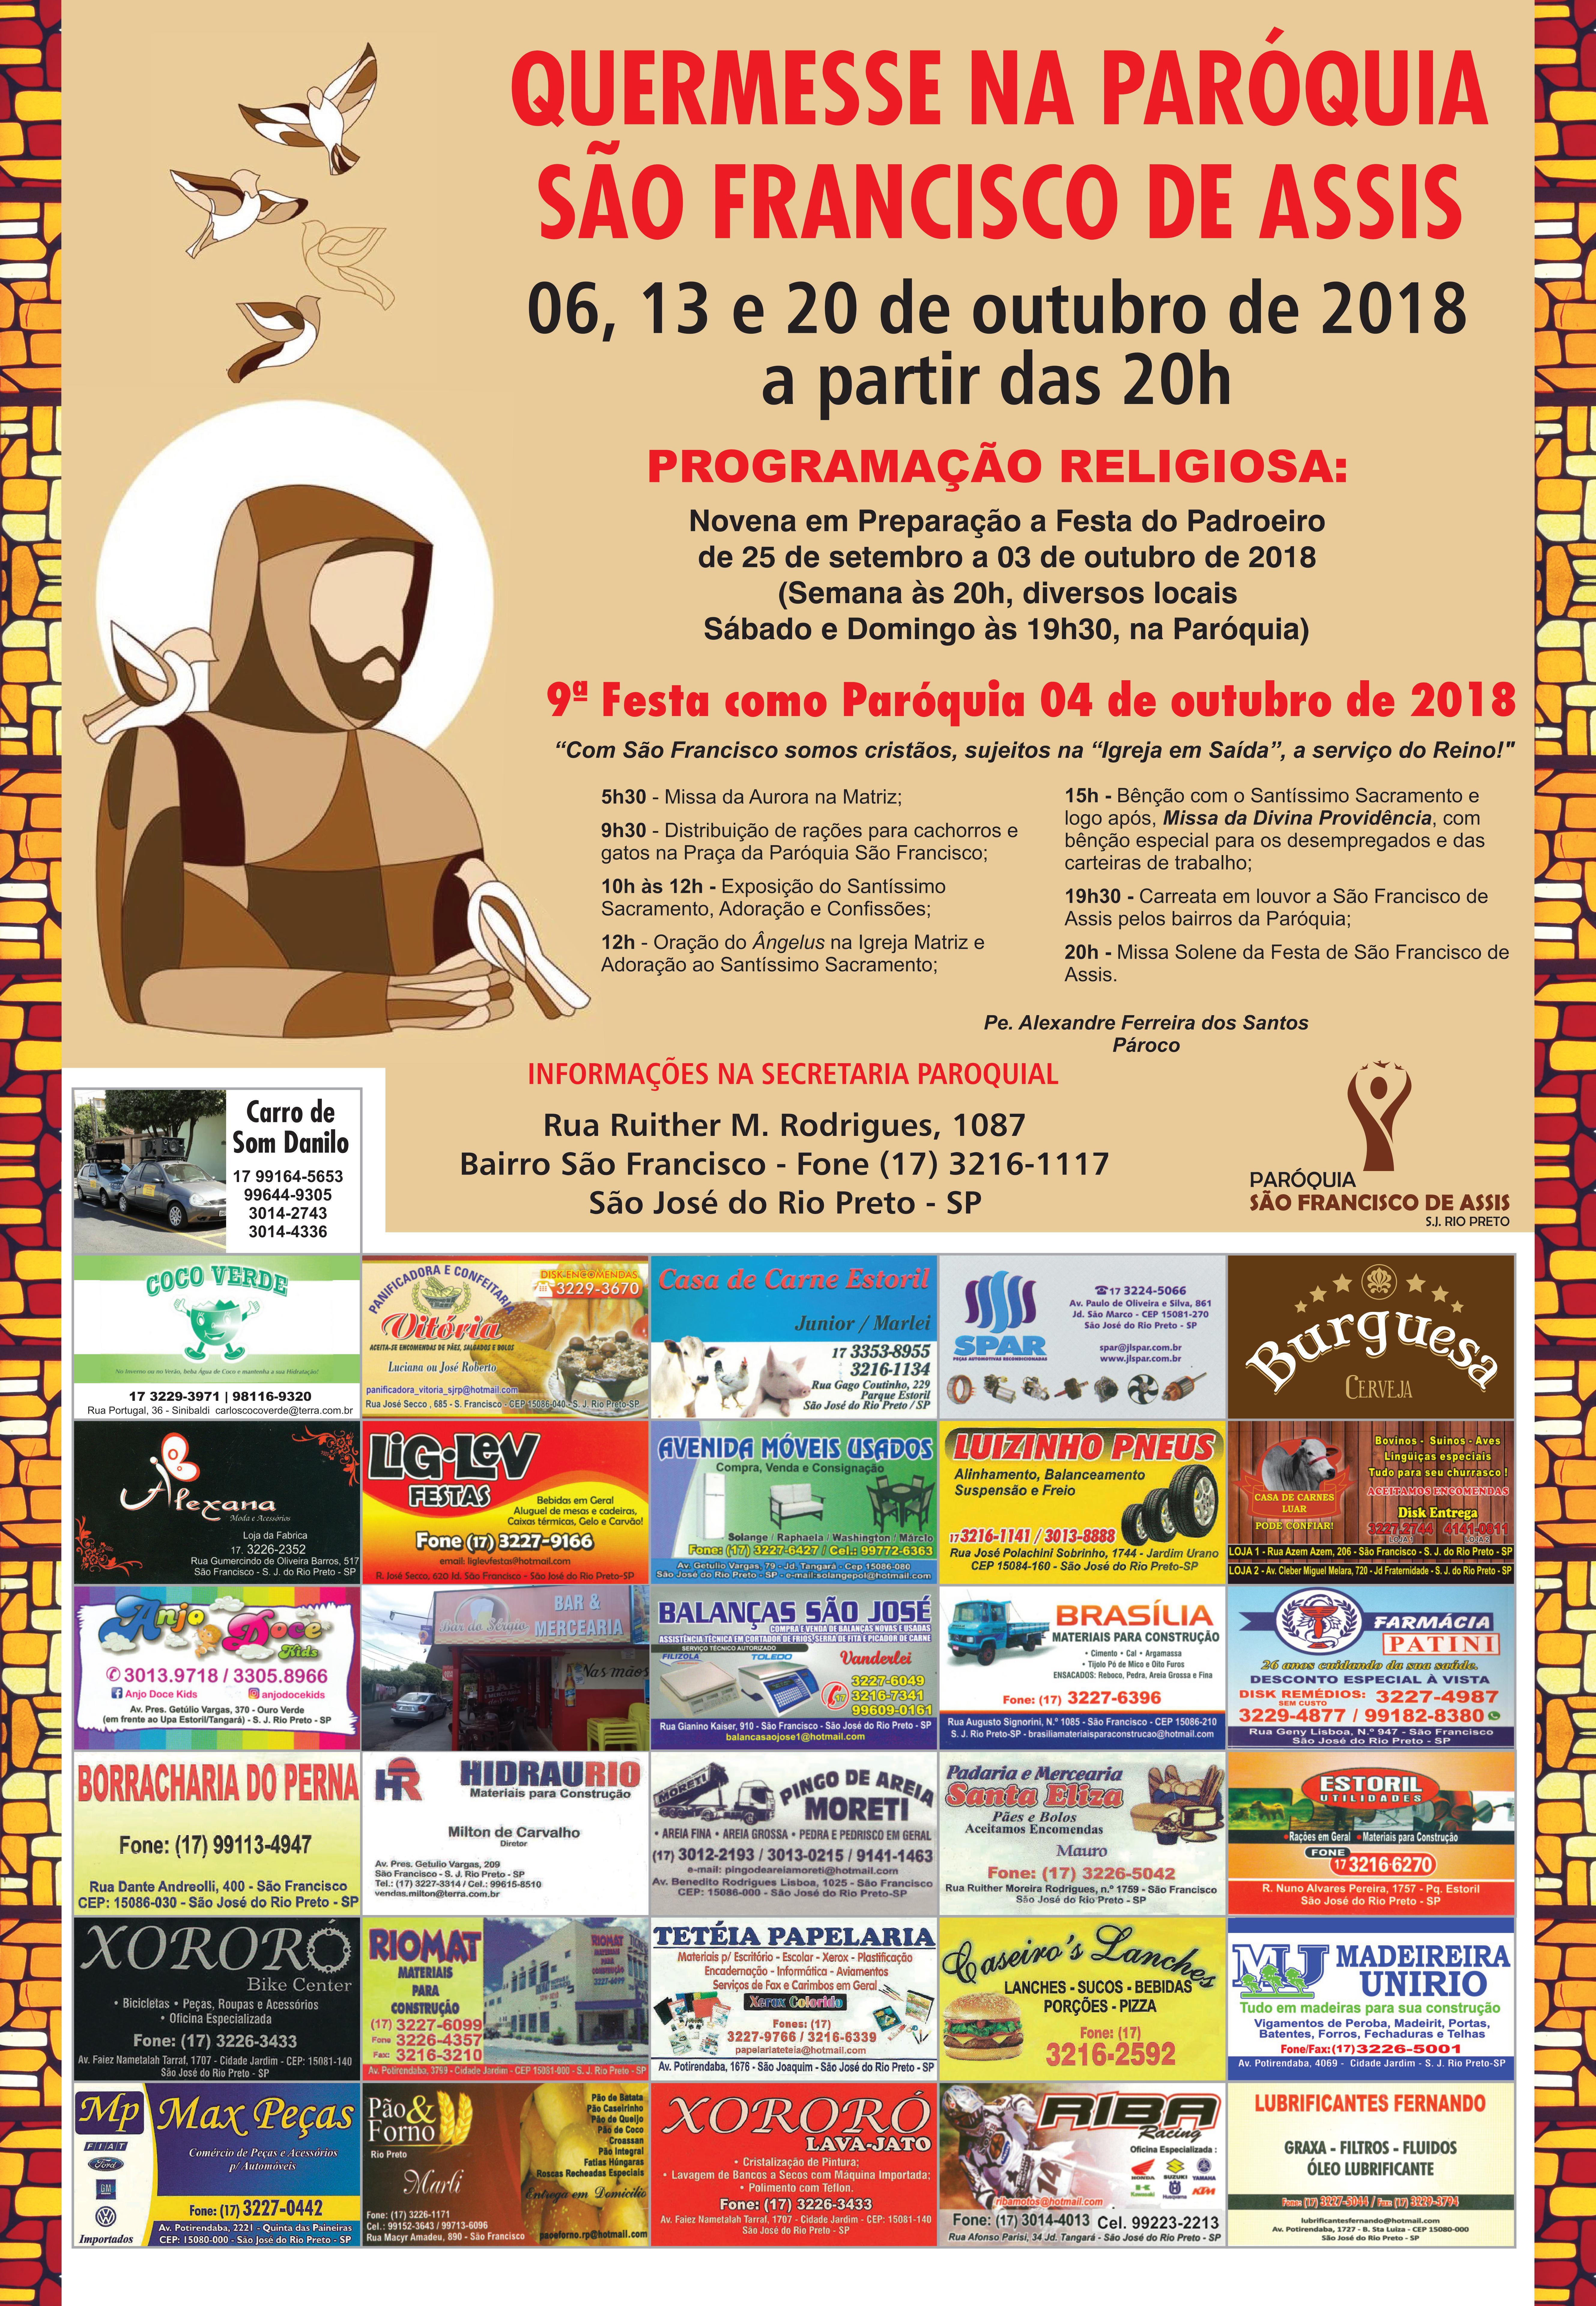 Quermesse: Paróquia São Francisco de Assis